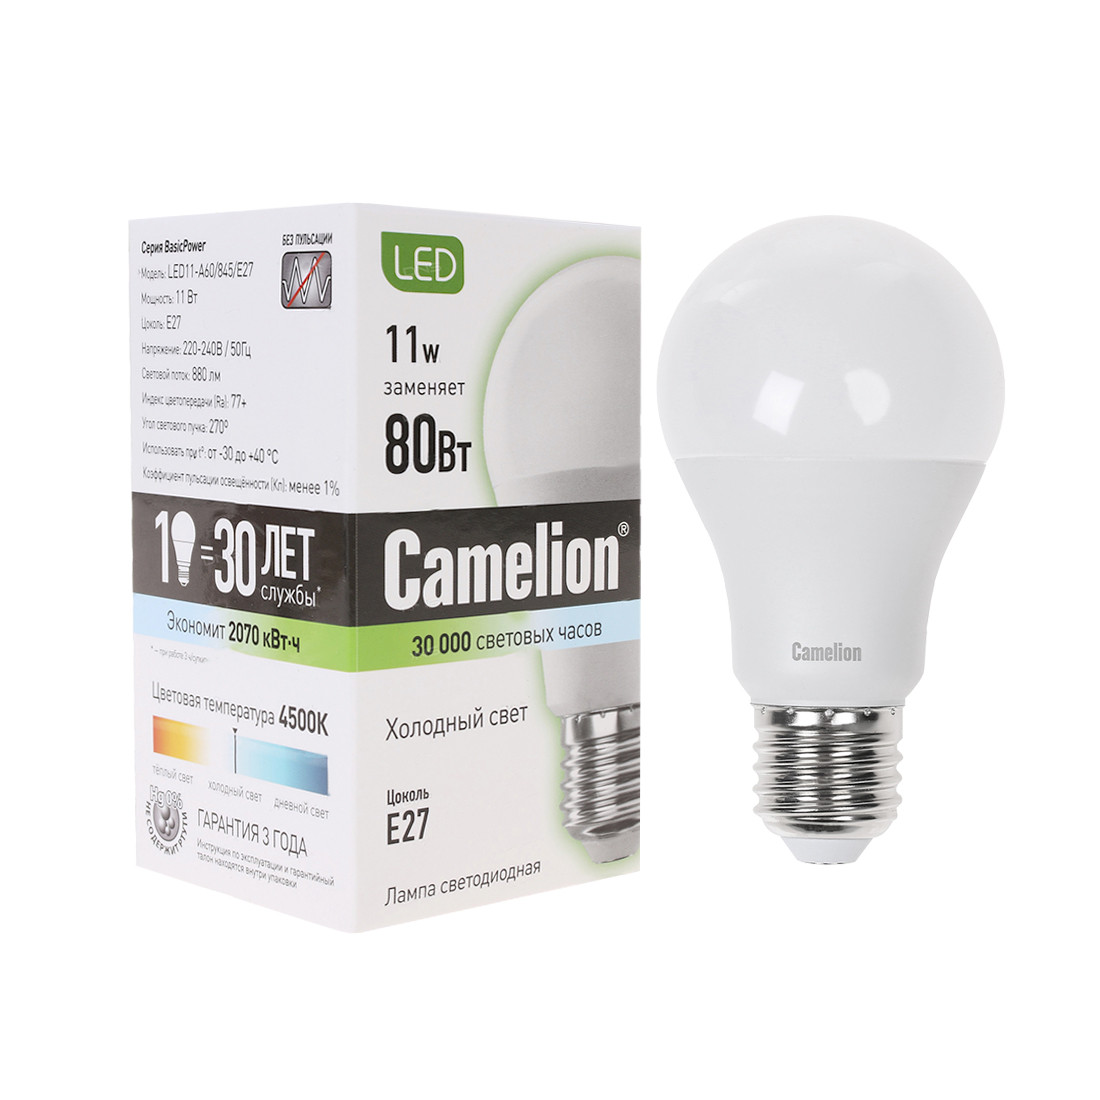 Эл. лампа светодиодная Camelion А60/4500К/E27/11Вт, Холодный